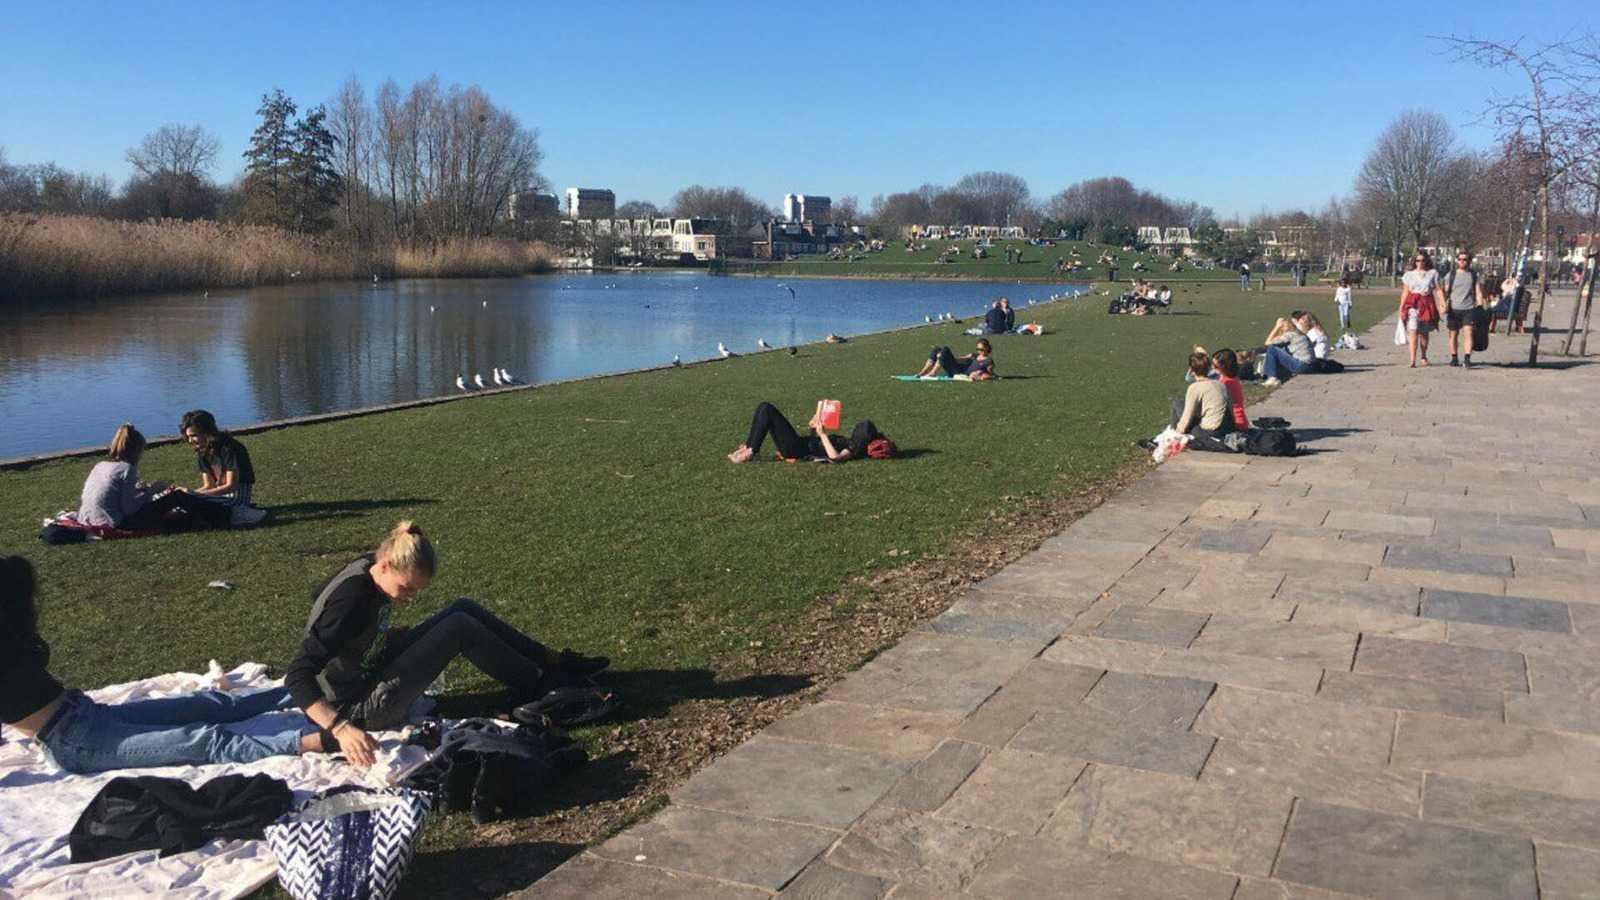 Парк Griftpark в Утрехте, февраль 2019 г. Фото: RTV Utrecht.